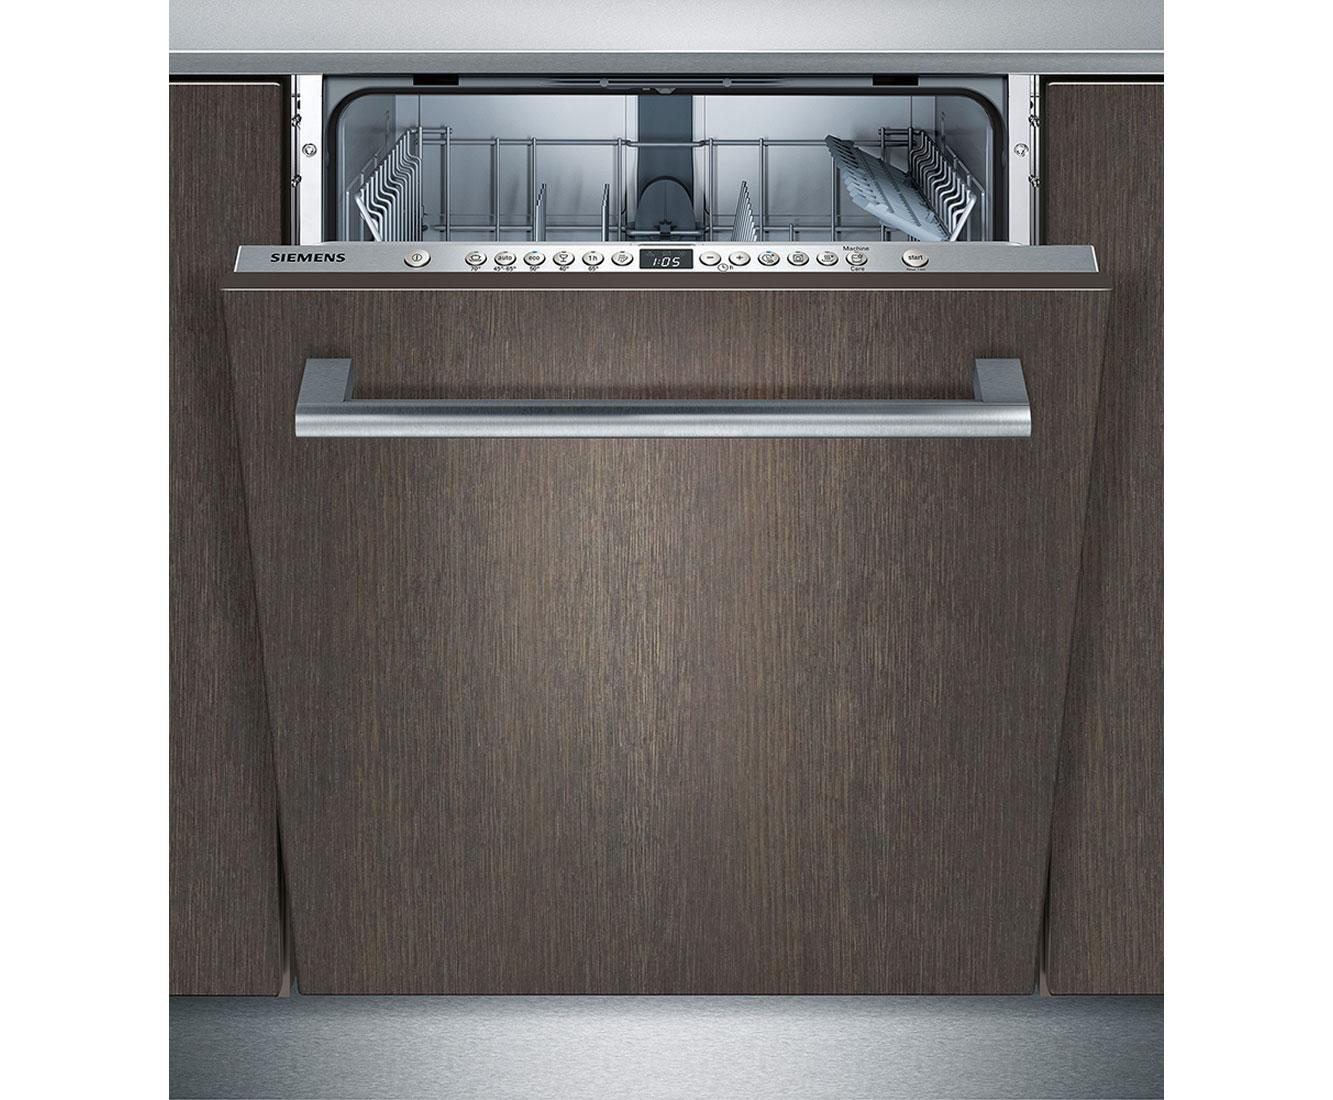 Siemens iQ300 SN636X01GE Geschirrspüler 60 cm - Edelstahl   Küche und Esszimmer > Küchenelektrogeräte > Gefrierschränke   Edelstahl   Siemens